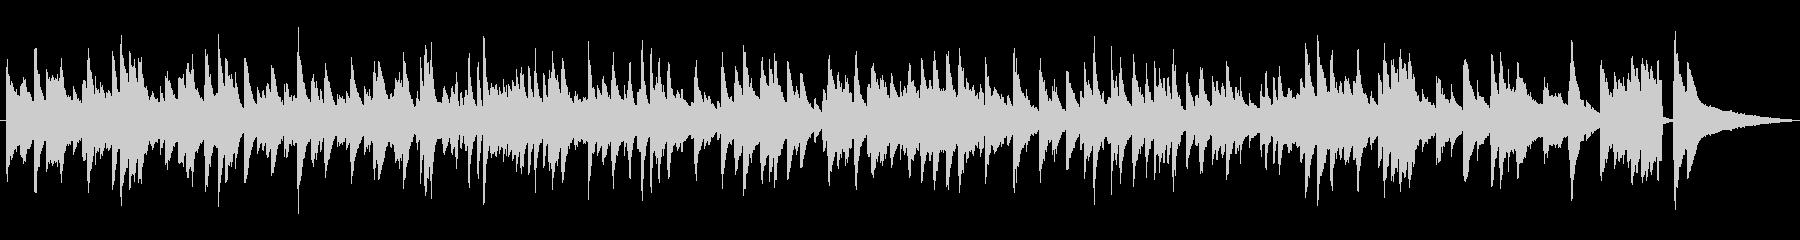 雰囲気のあるジャズラウンジピアノソロの未再生の波形